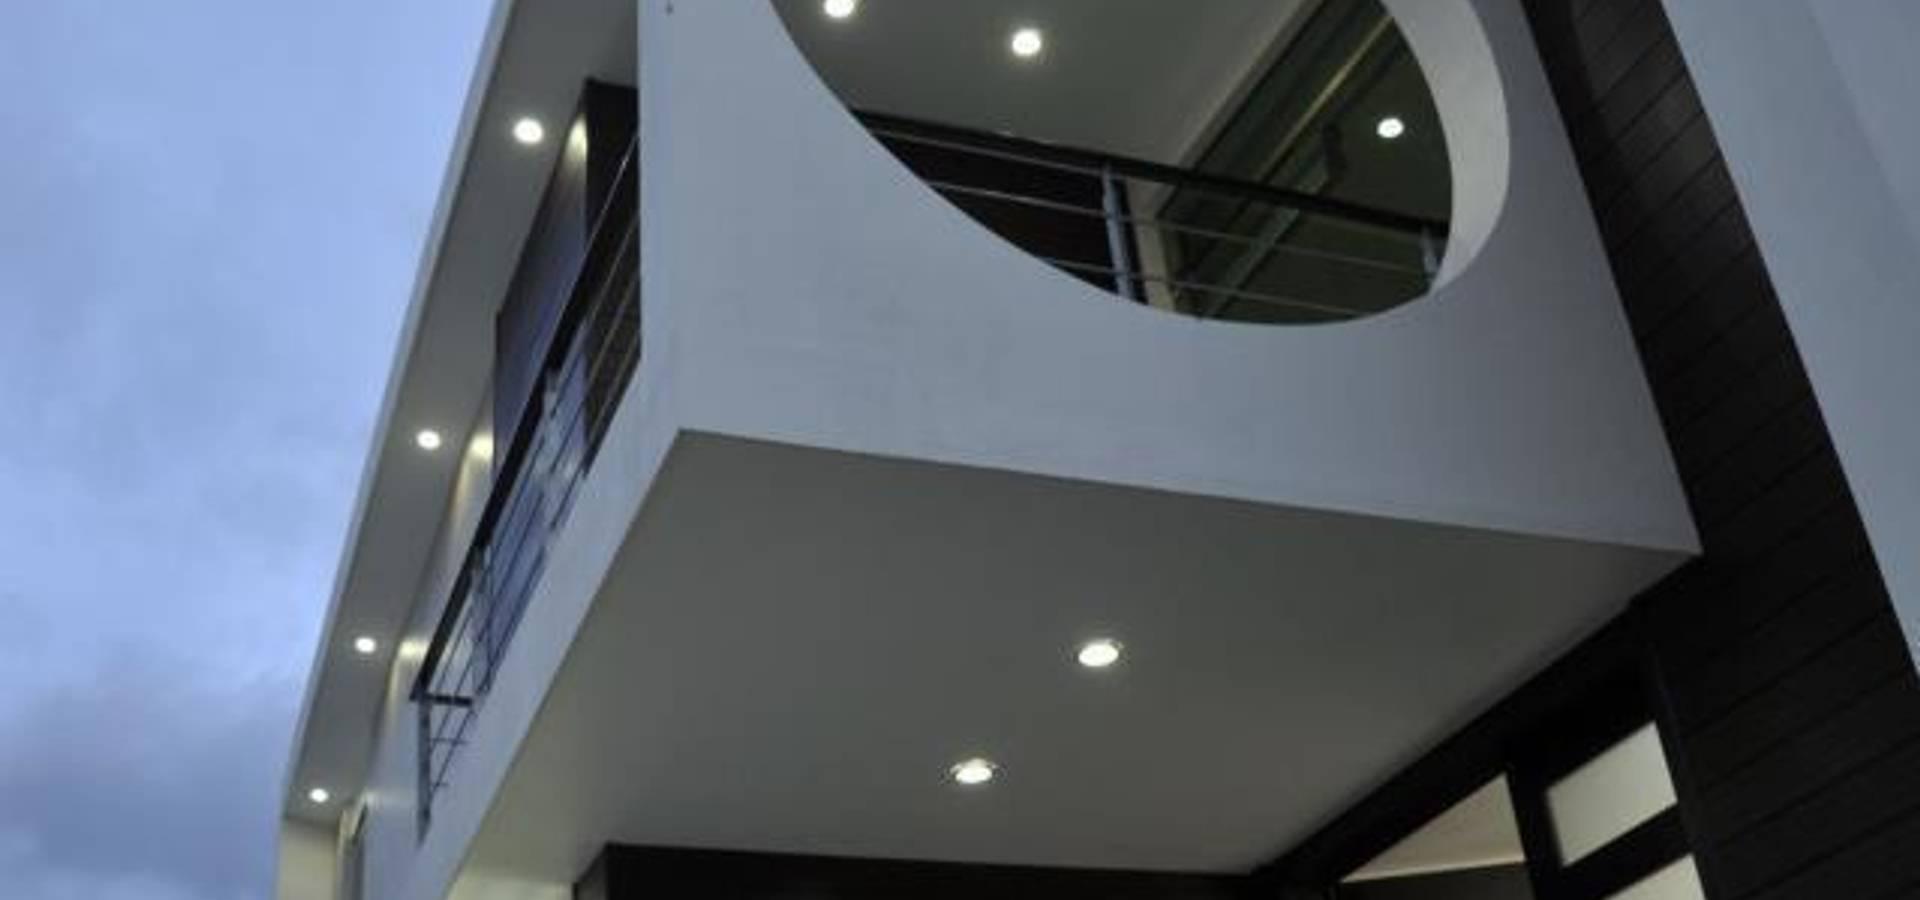 CONSASUR ARCHITECTURE STUDIO